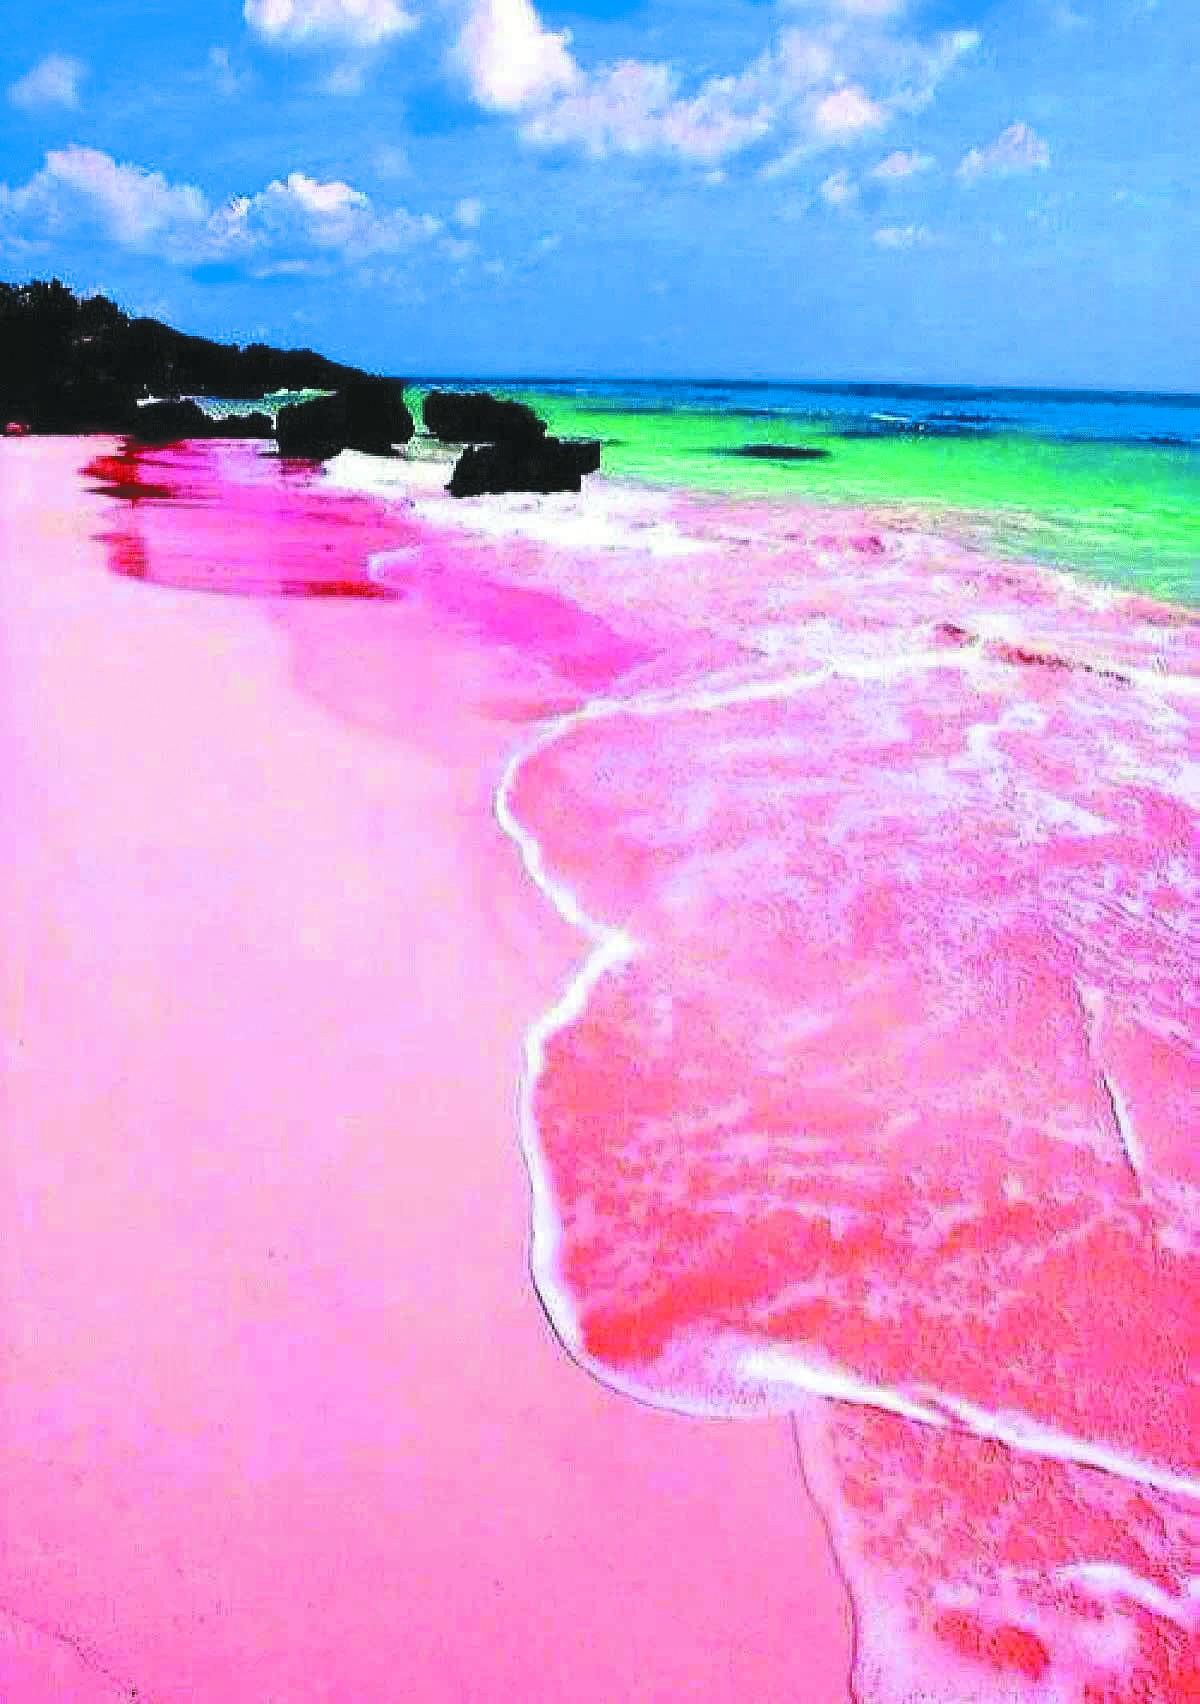 世界最性感沙滩,一片粉红